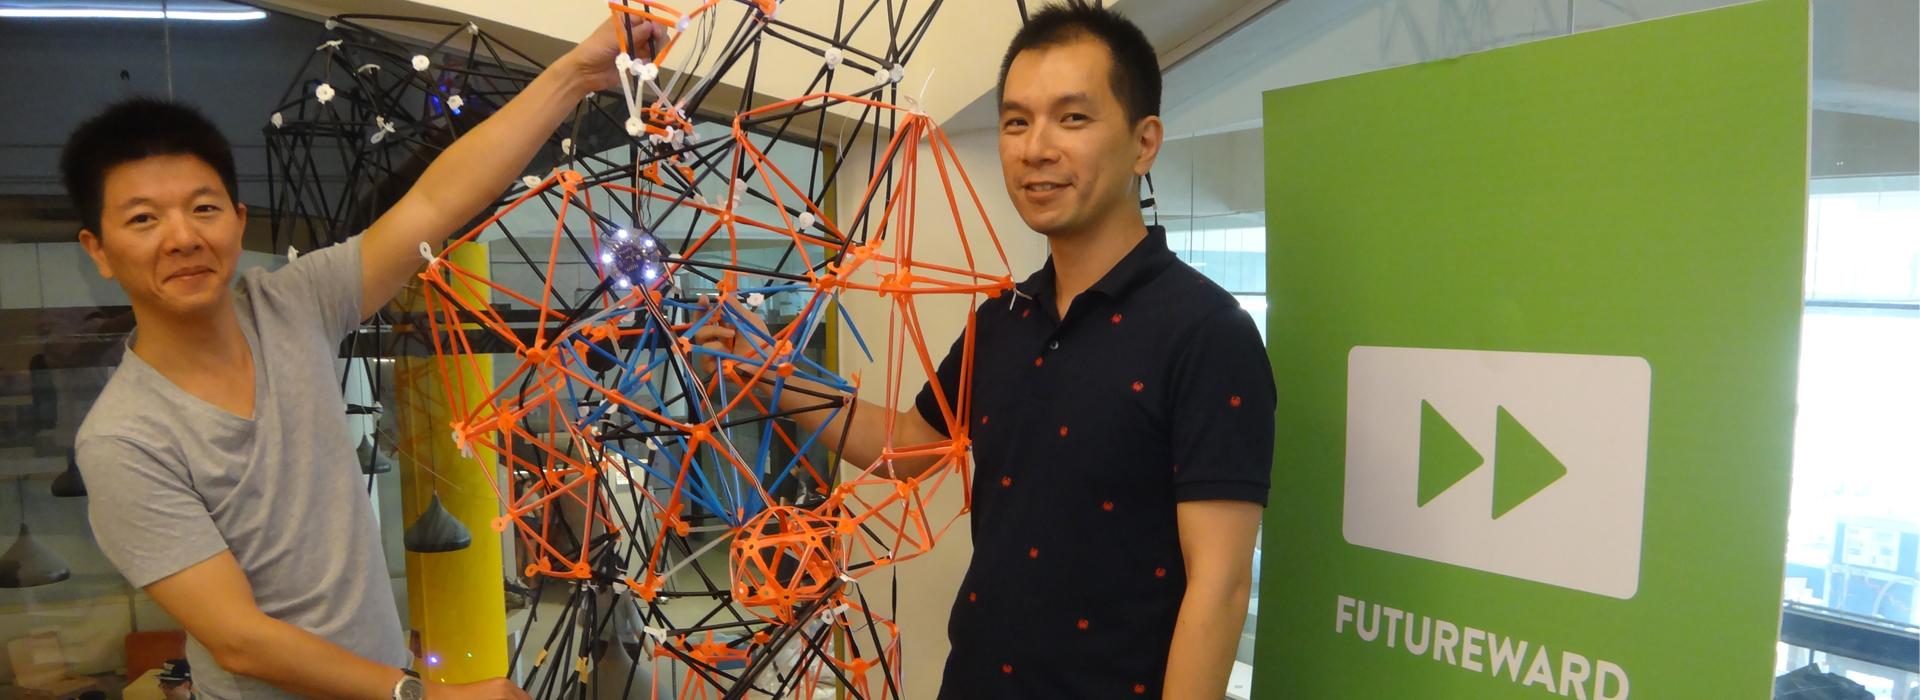 林佑瀓及楊育修催生自造者—未來產房打造世界級自造者空間